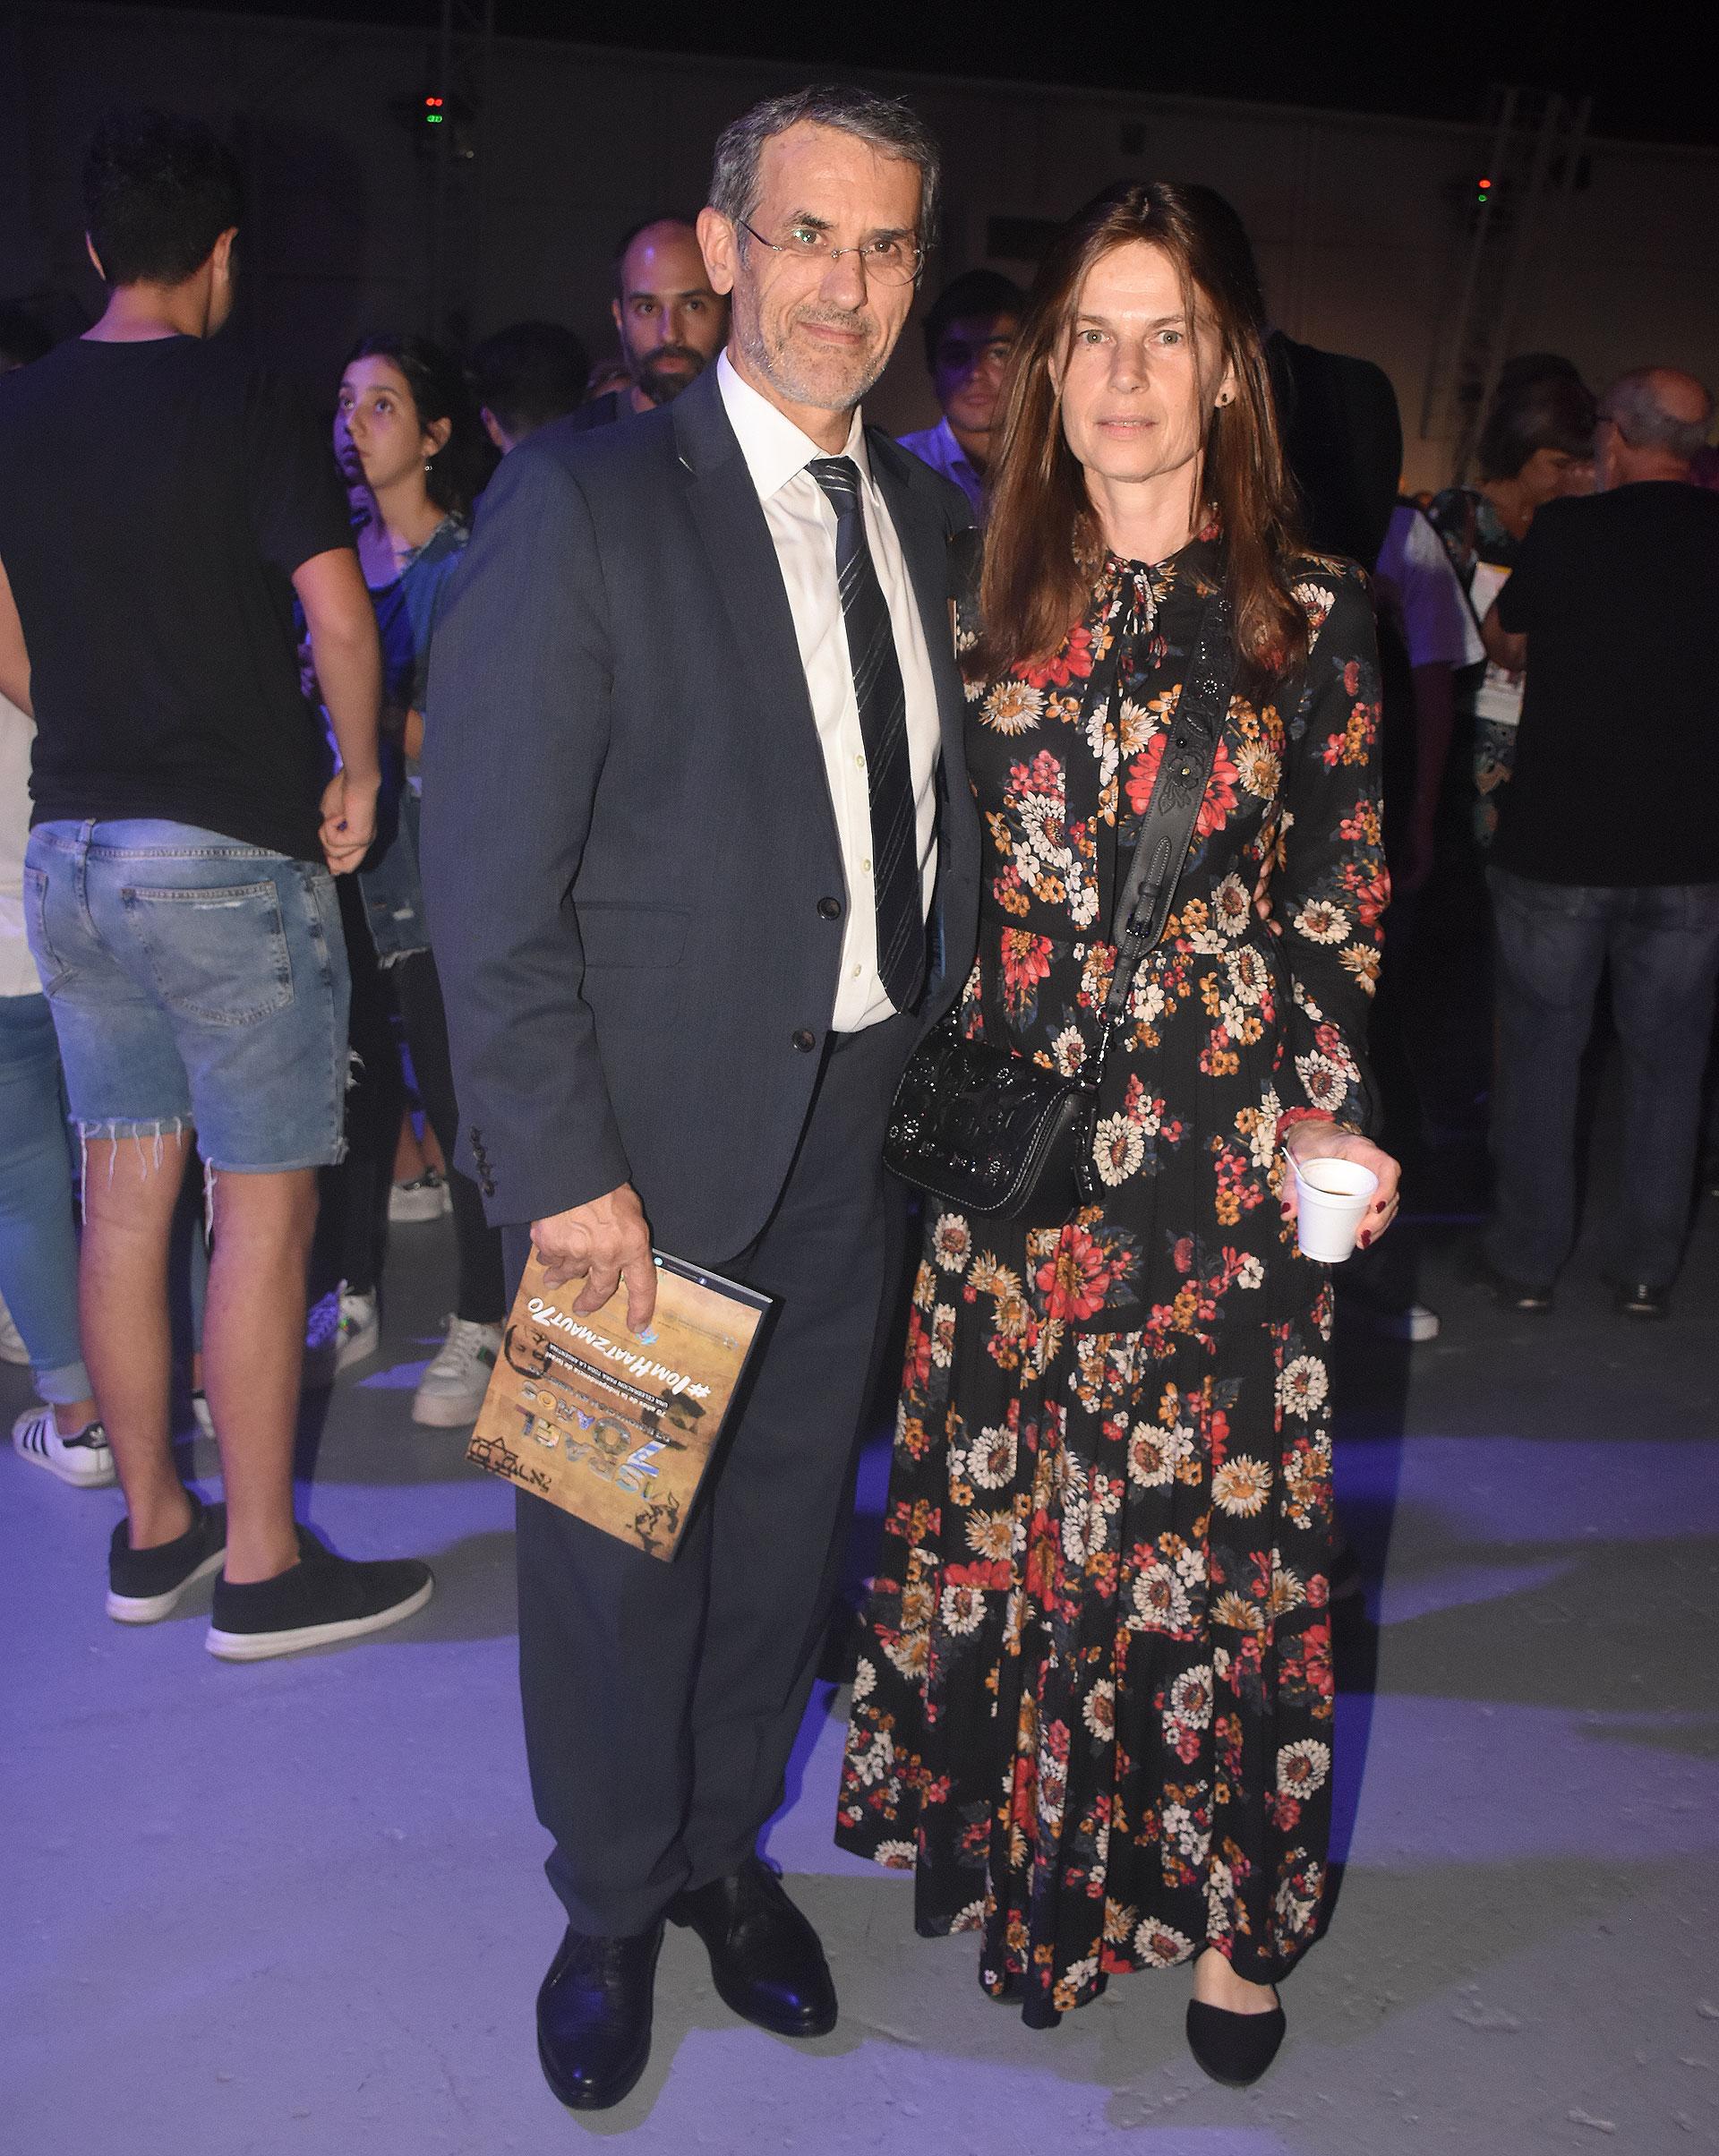 El presidente de la AMIA, Agustín Zbar, y su mujer